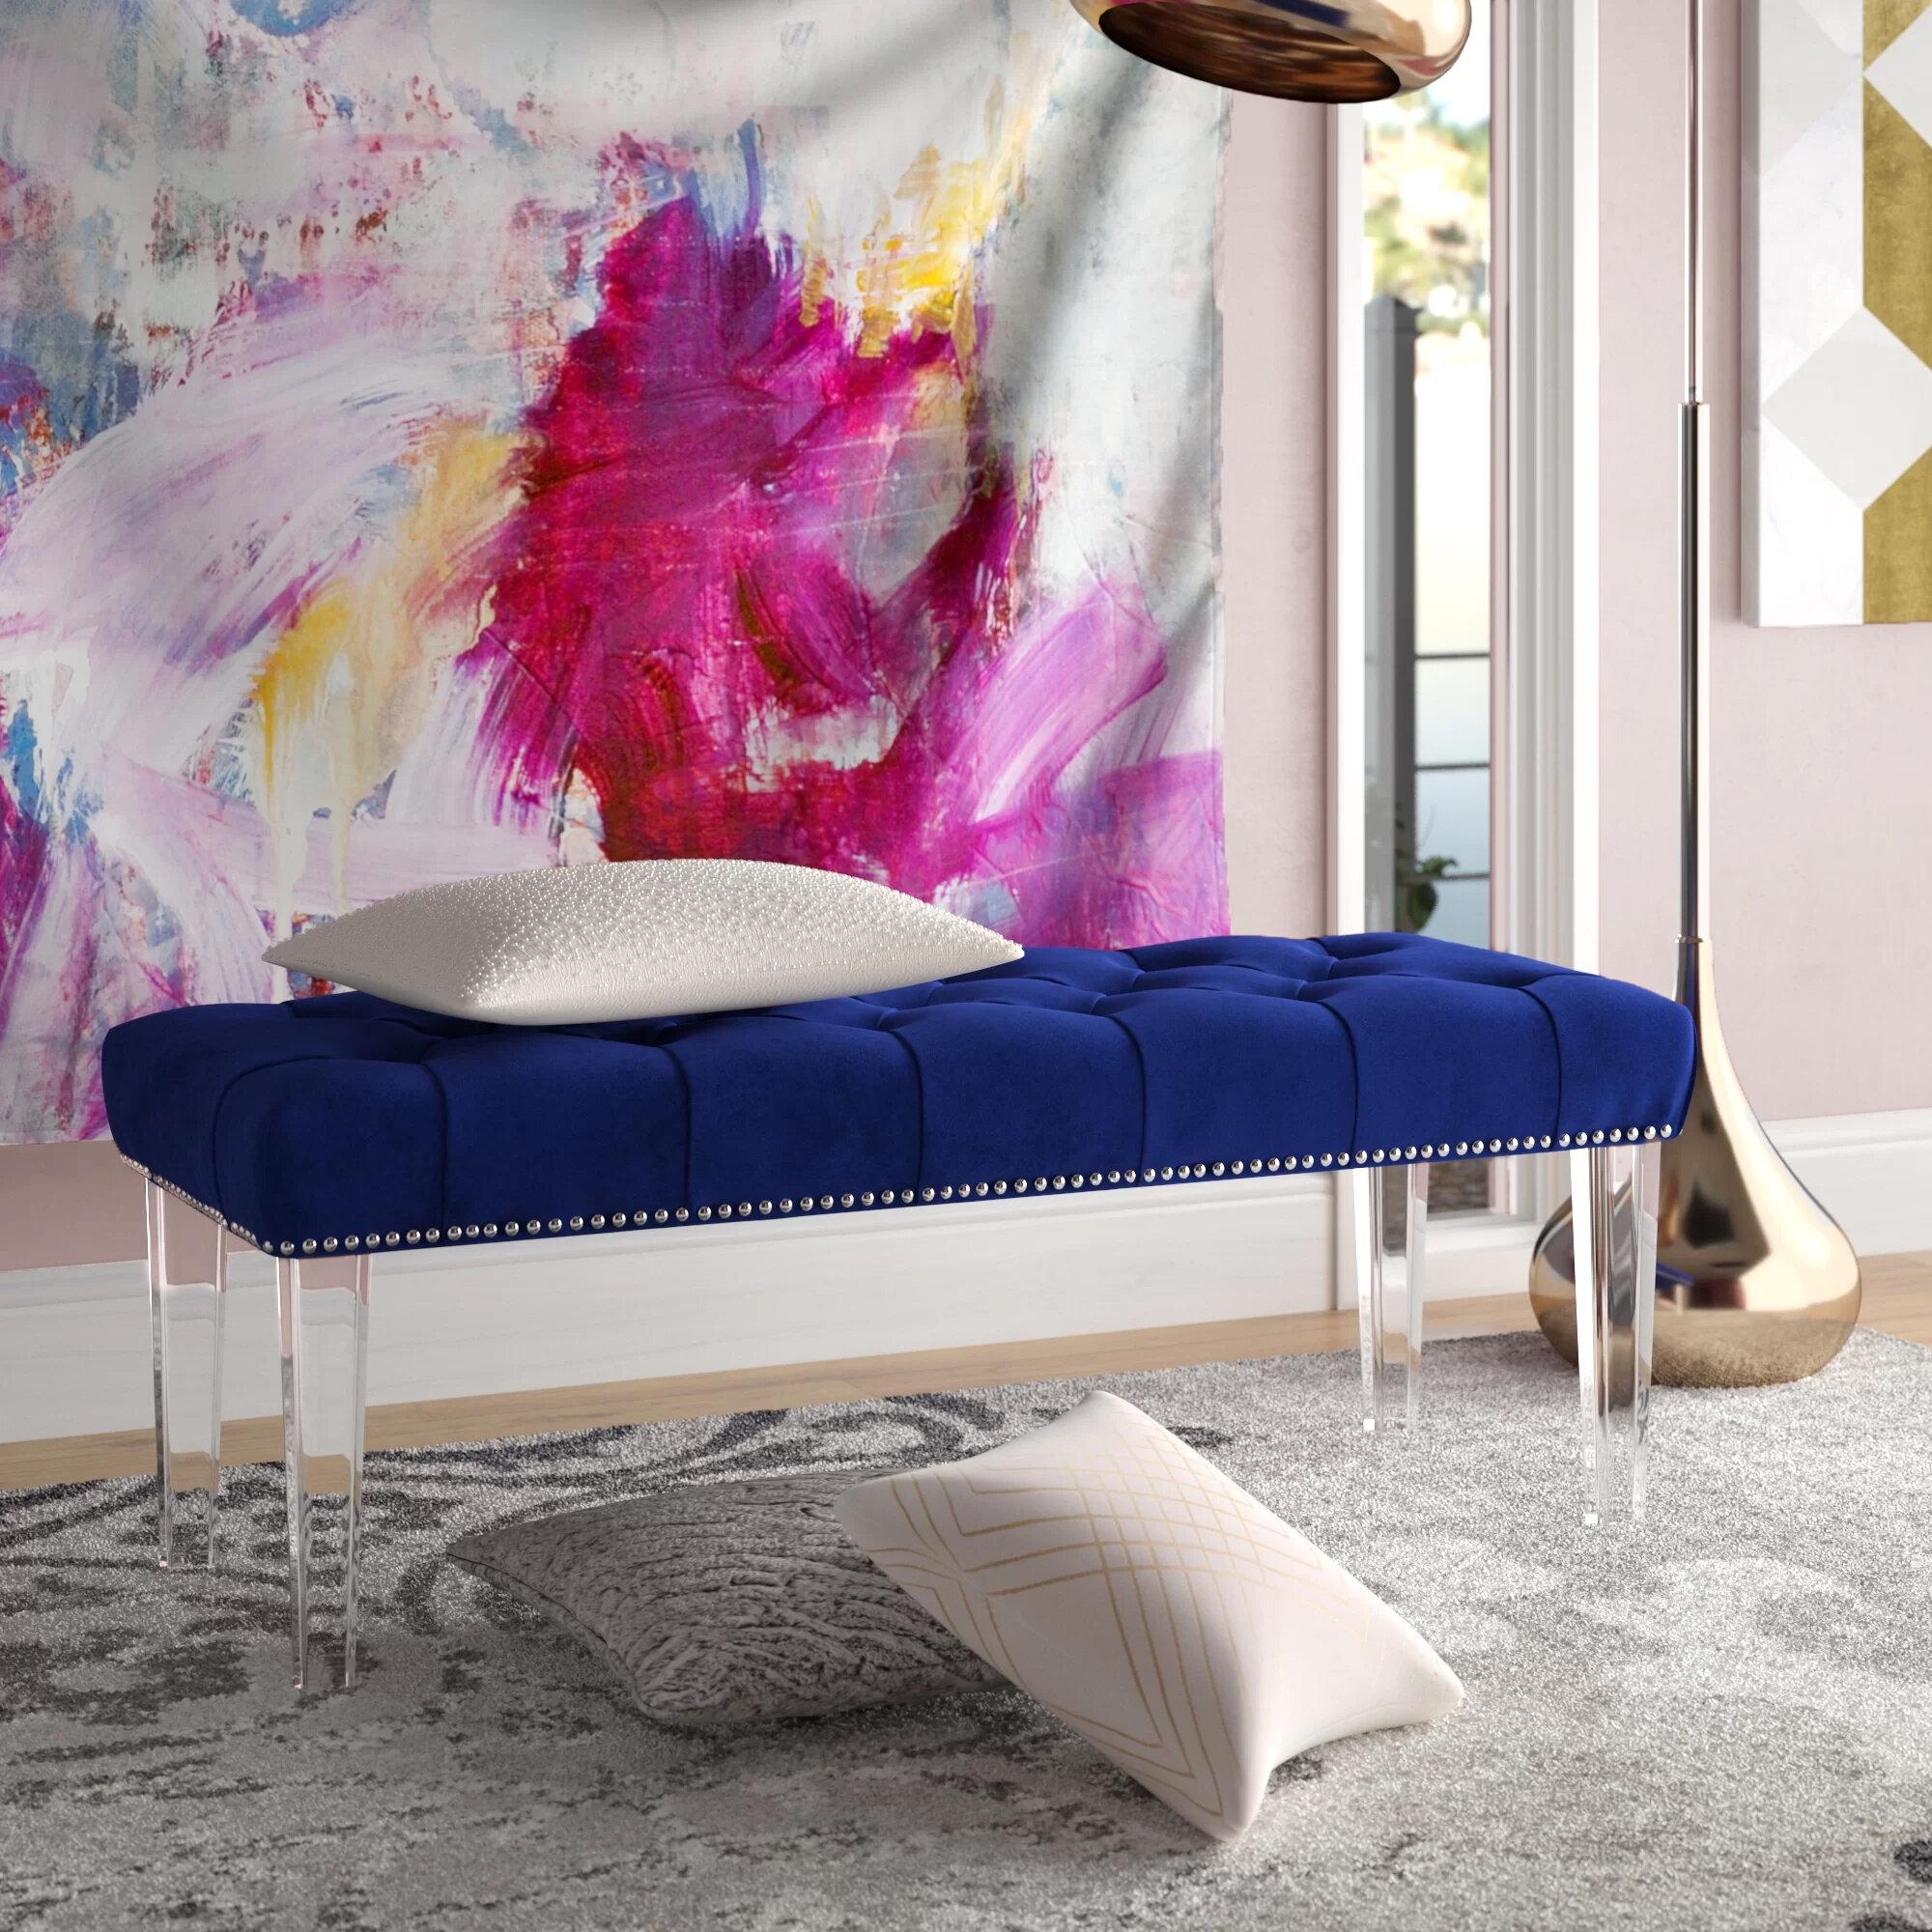 Stockbridge Upholstered Bedroom Bench